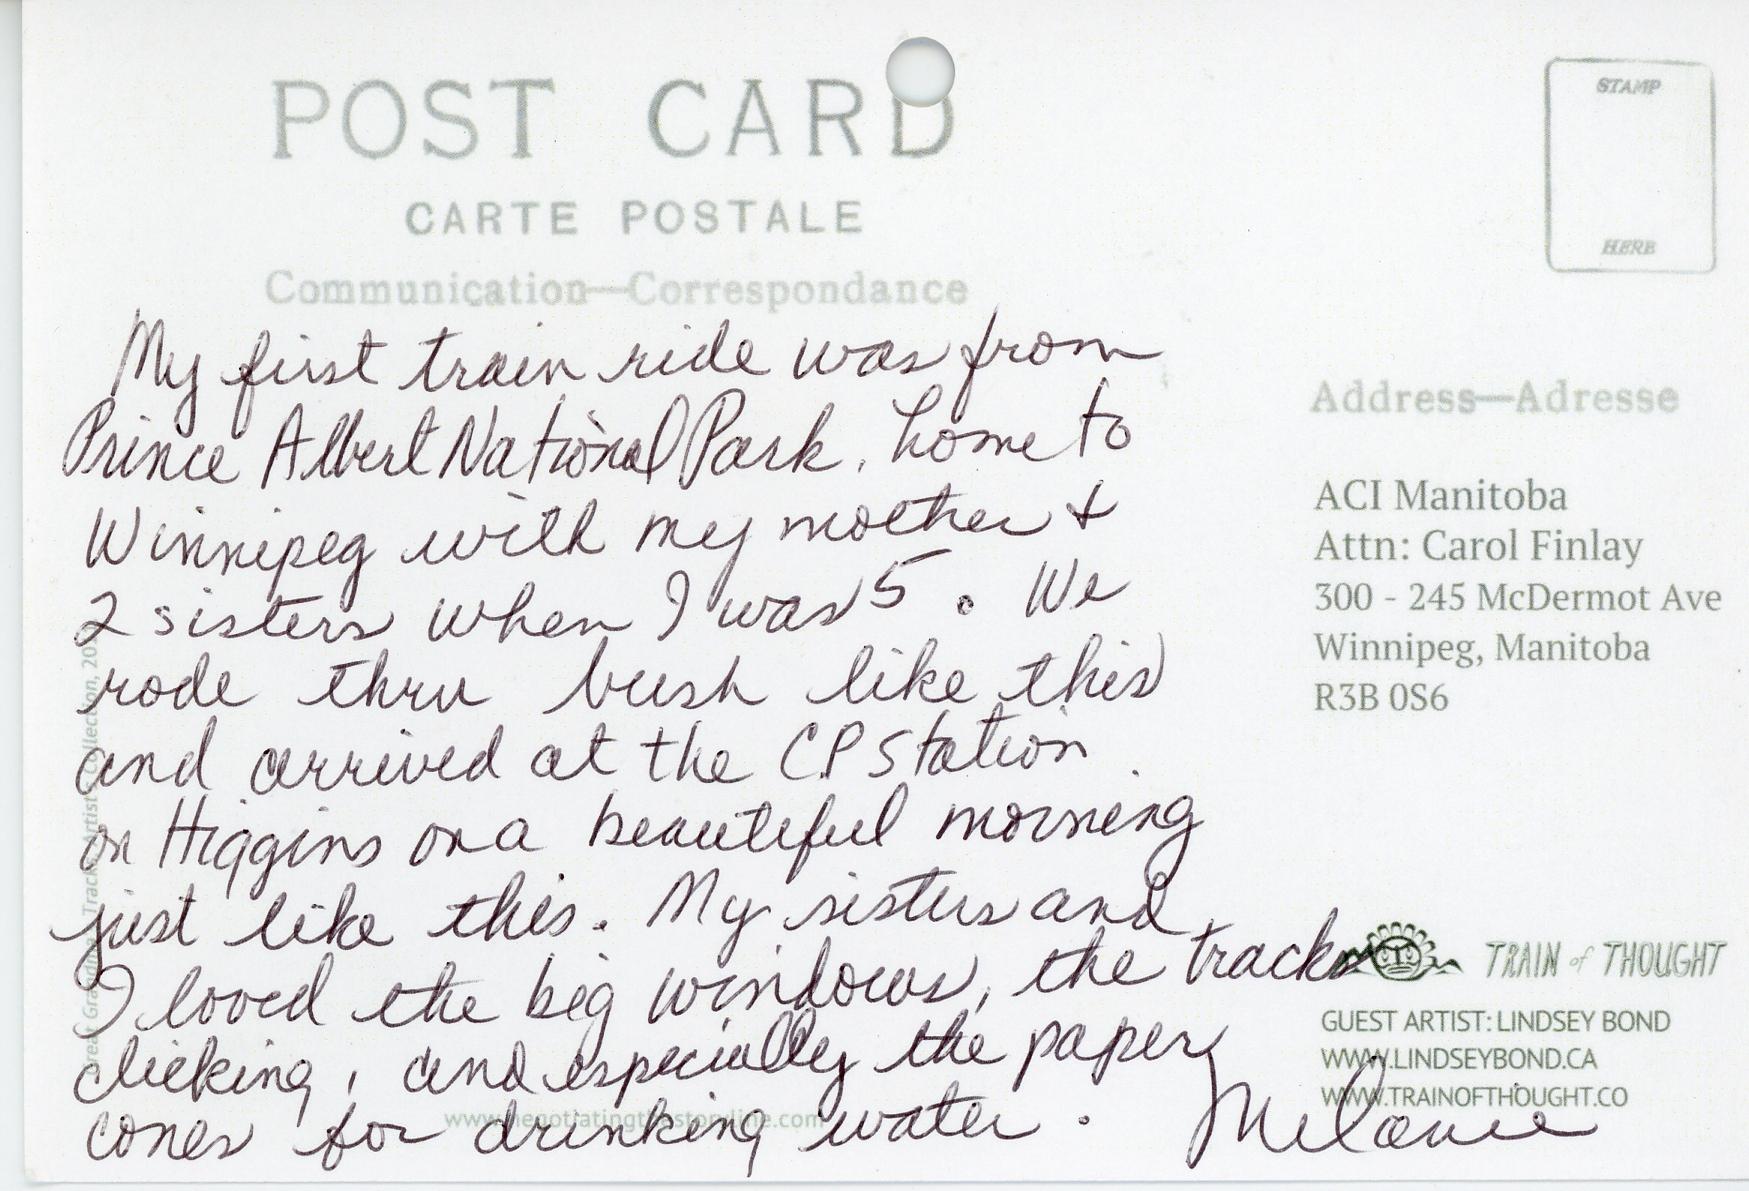 TOT_postcard020.jpg